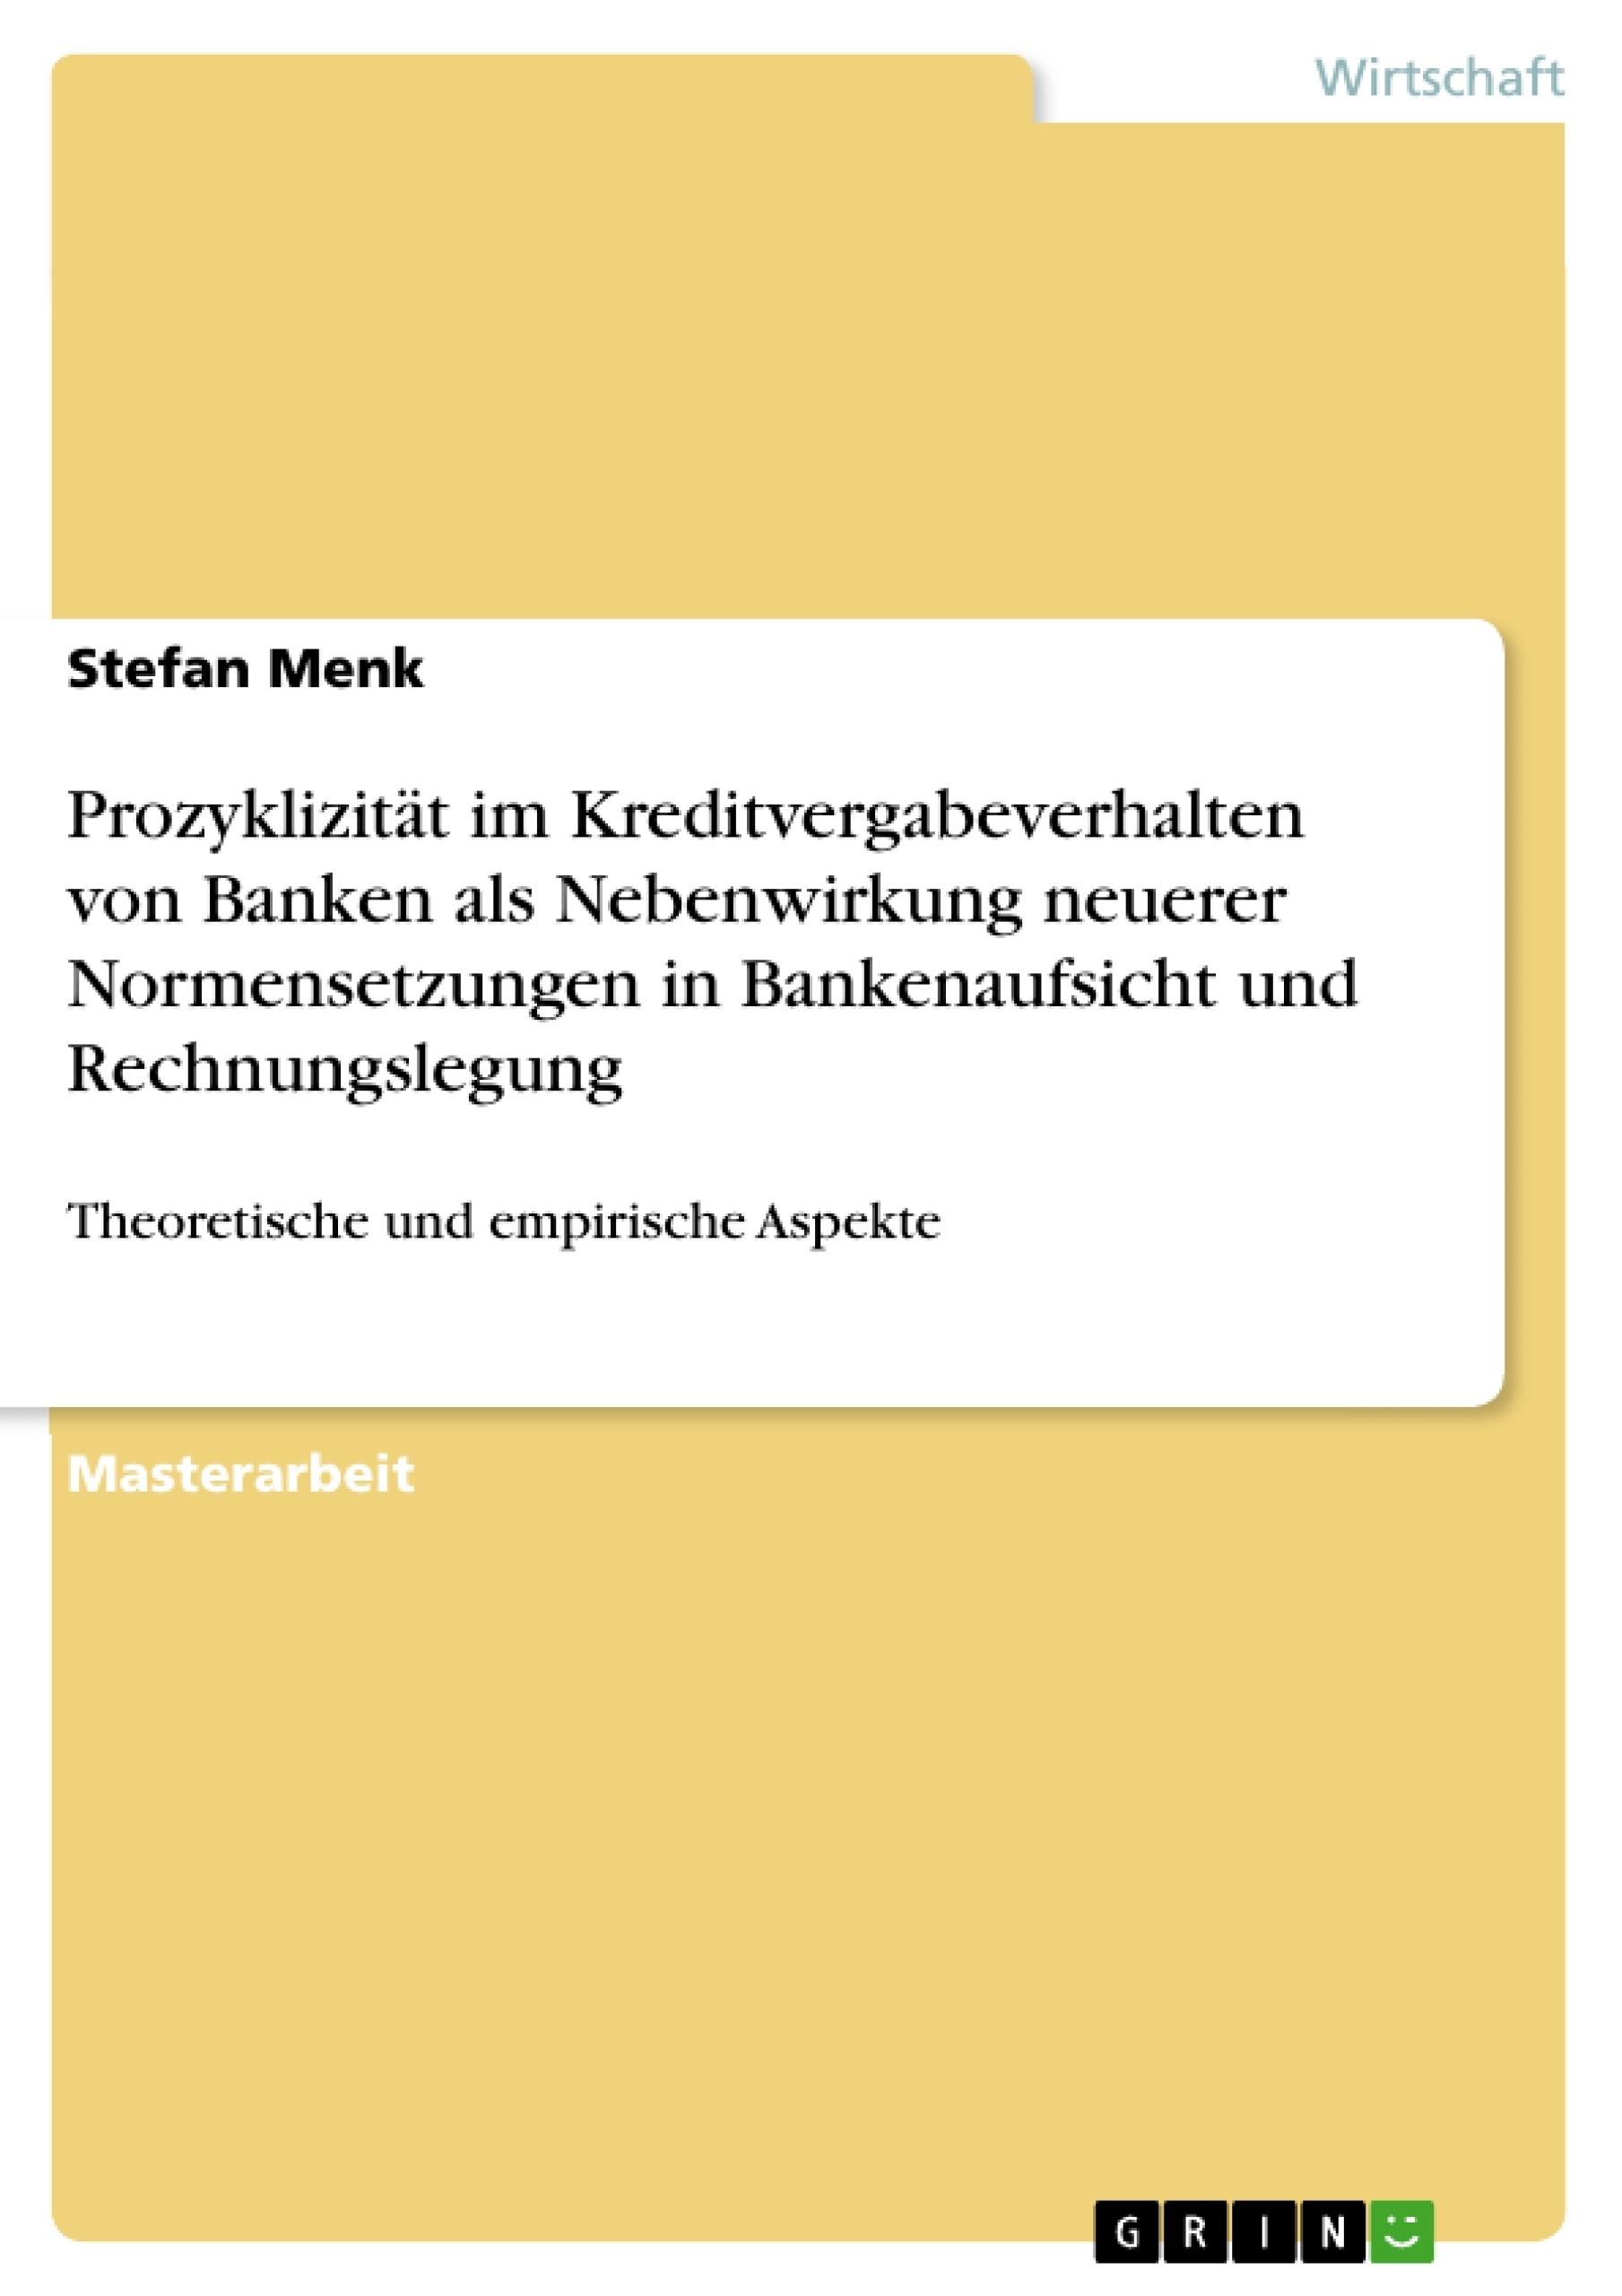 Titel: Prozyklizität im Kreditvergabeverhalten von Banken als Nebenwirkung neuerer Normensetzungen in Bankenaufsicht und Rechnungslegung